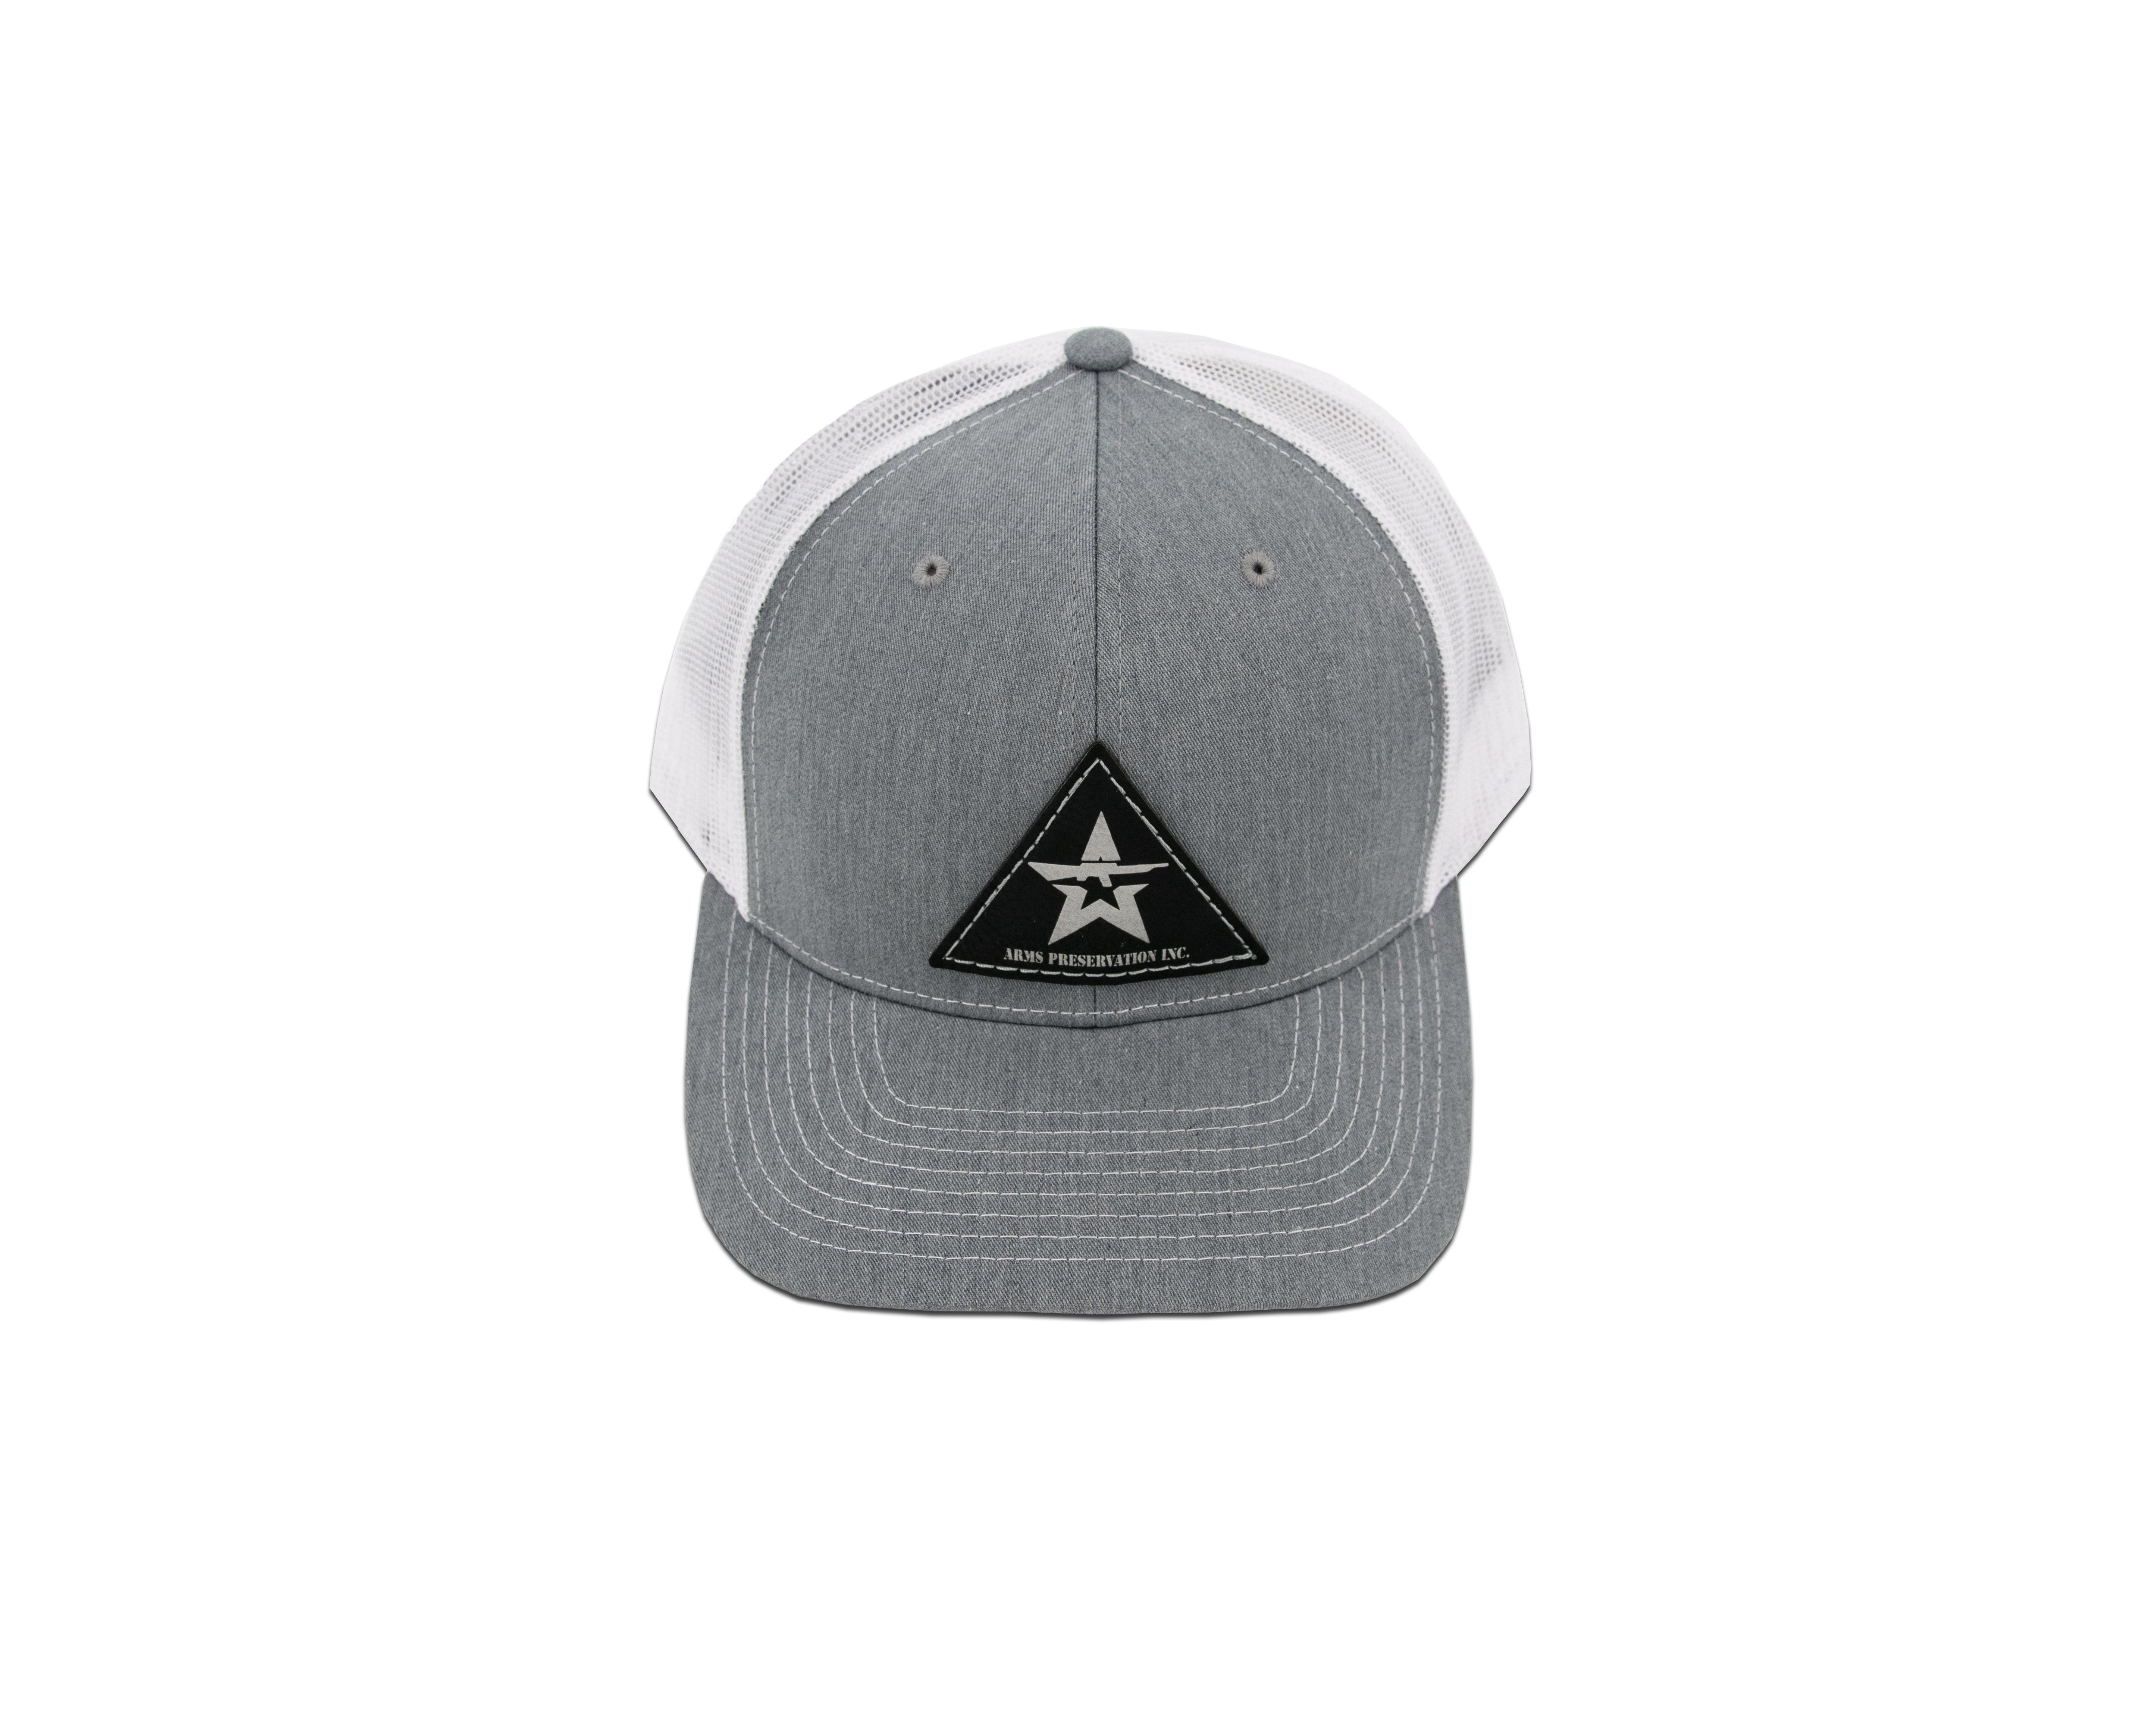 A.P.I. Gray Man Trucker Hat - White